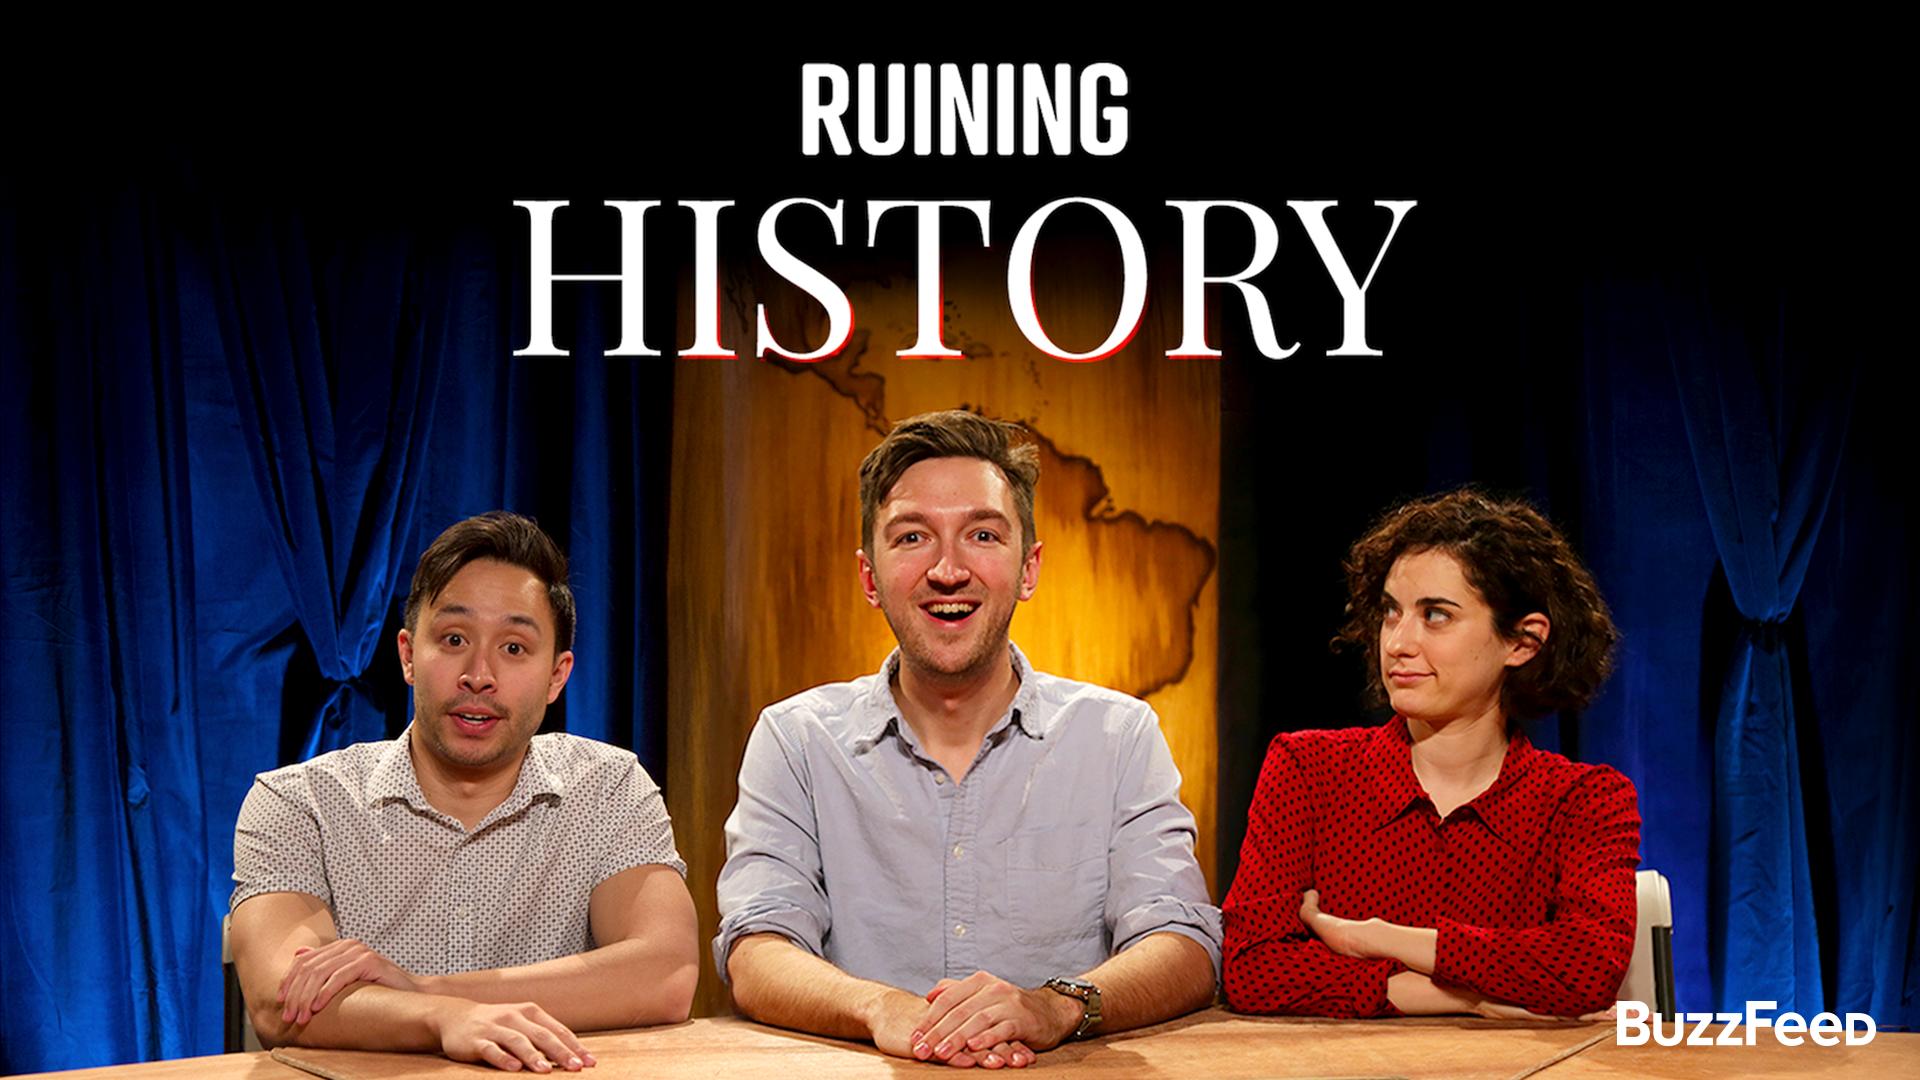 BuzzFeed's Ruining History